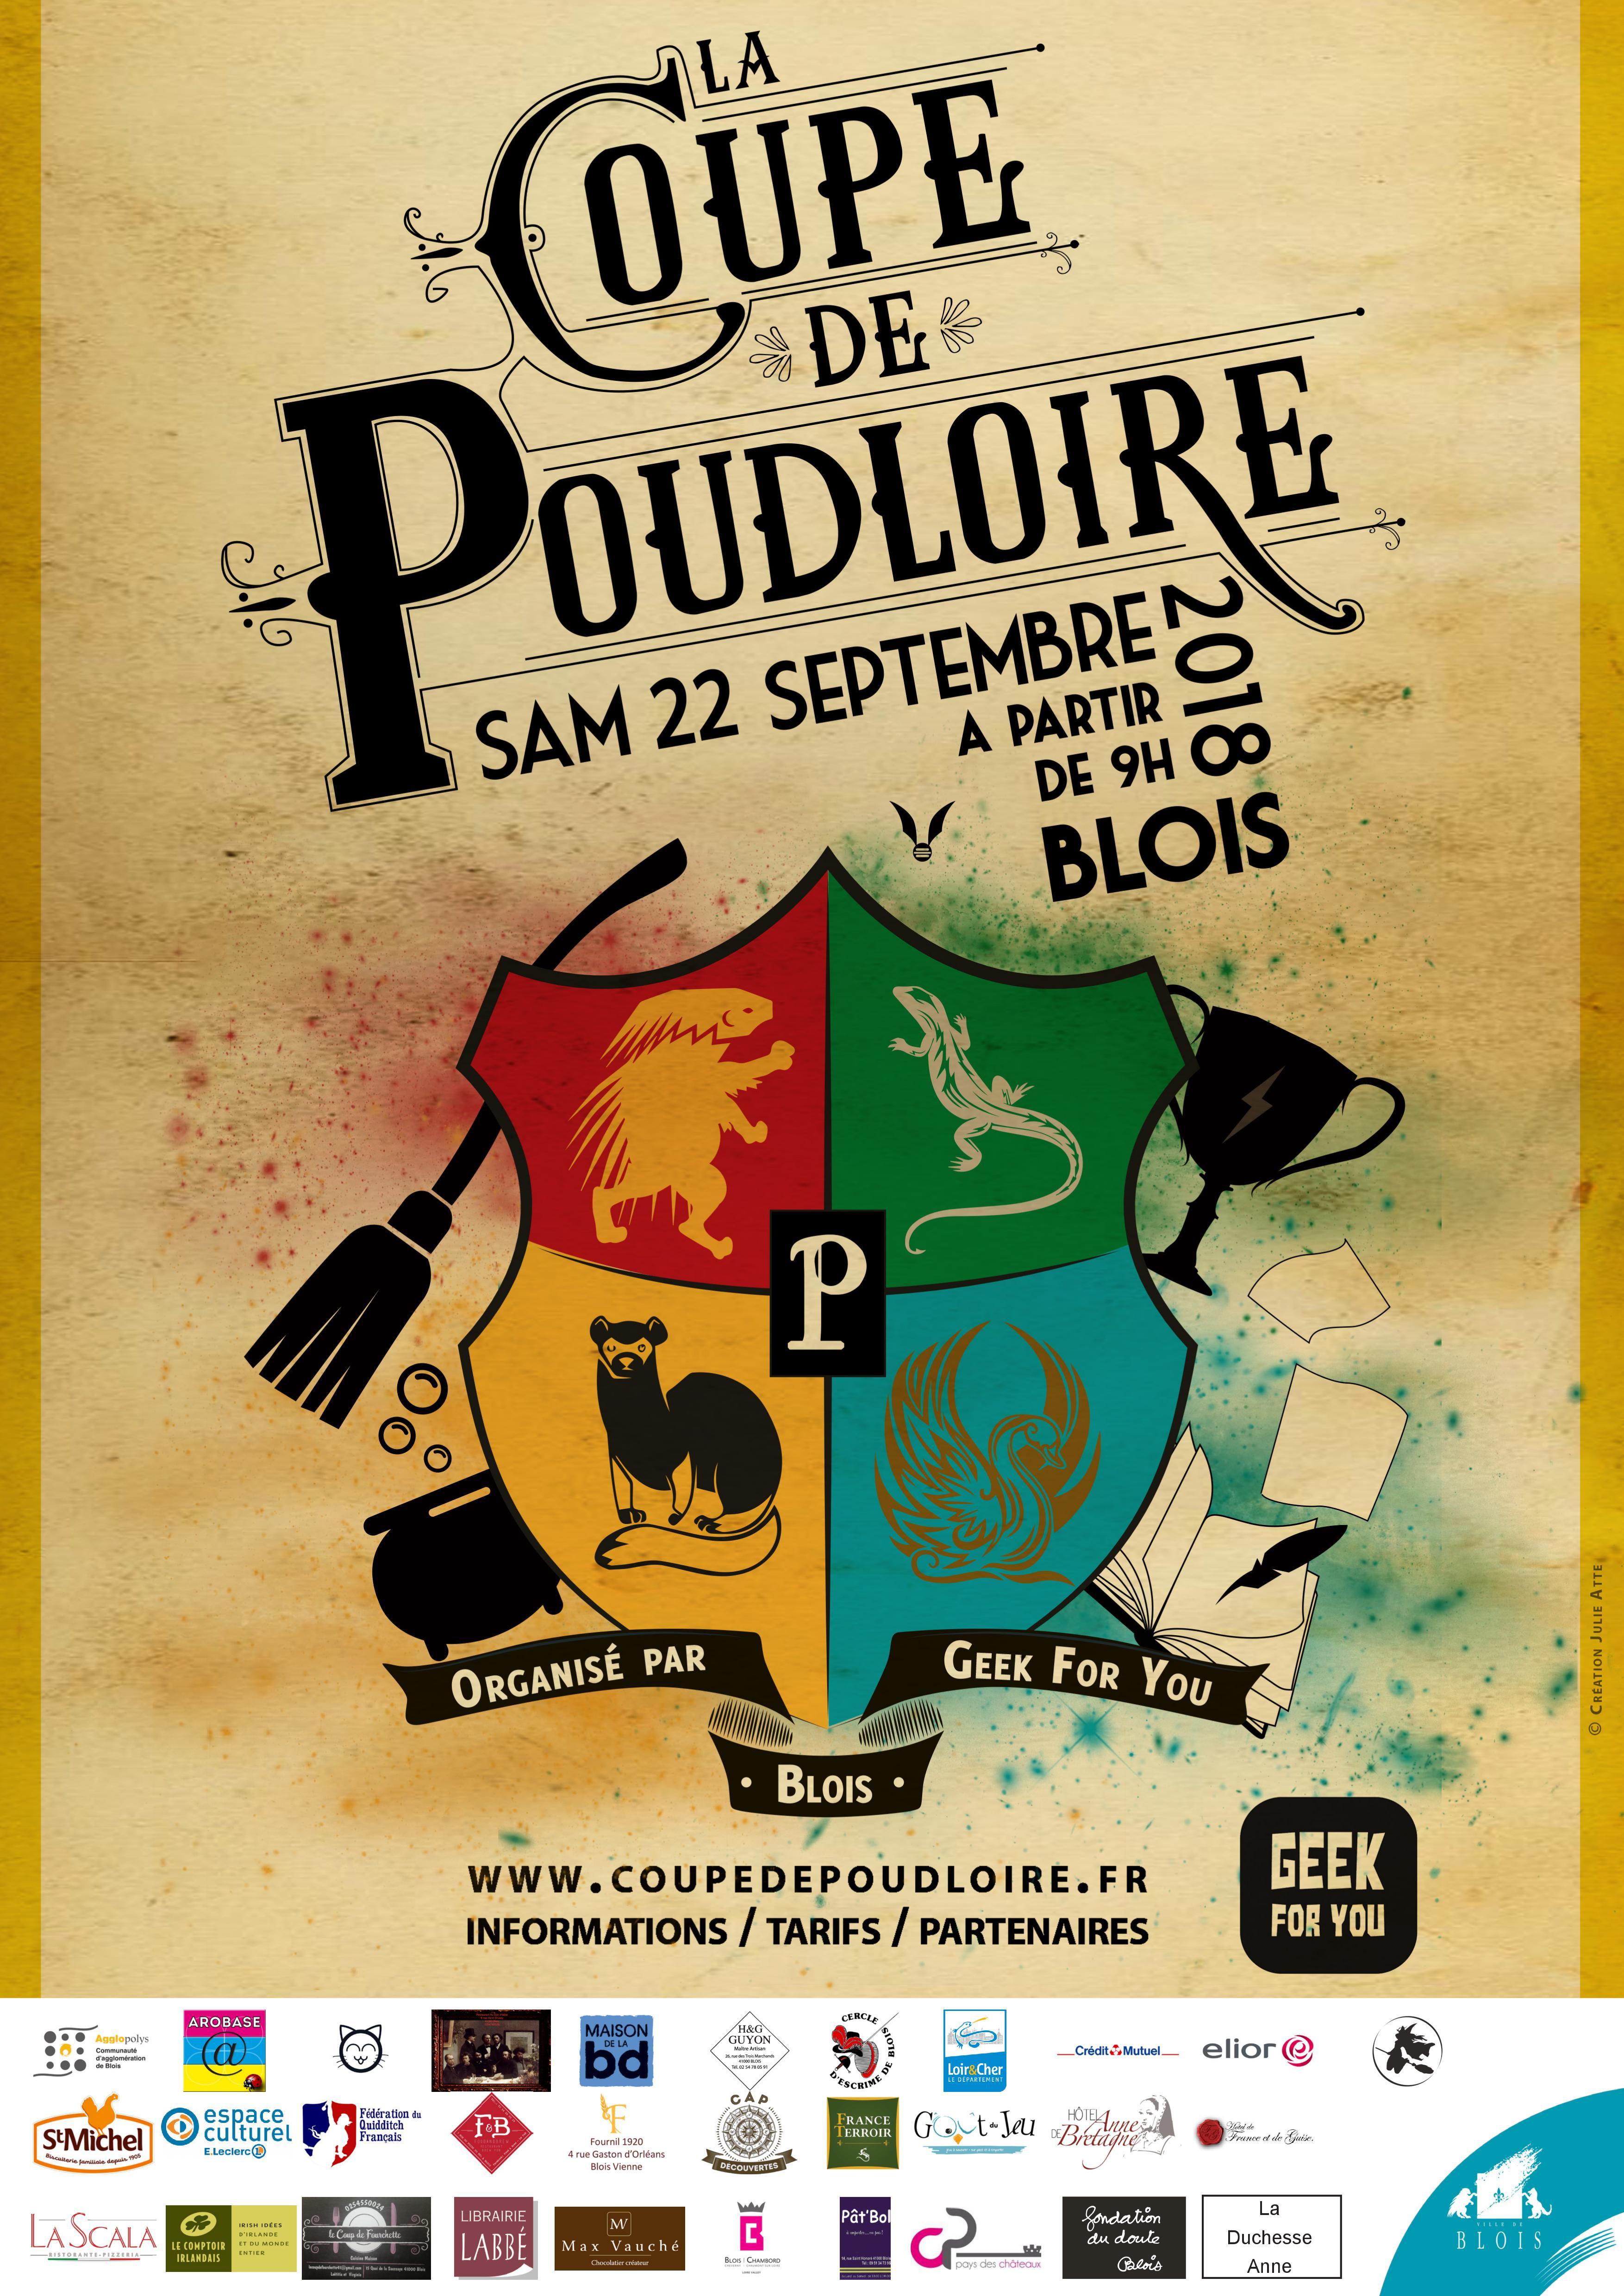 La Coupe de Poudloire revient à Blois !